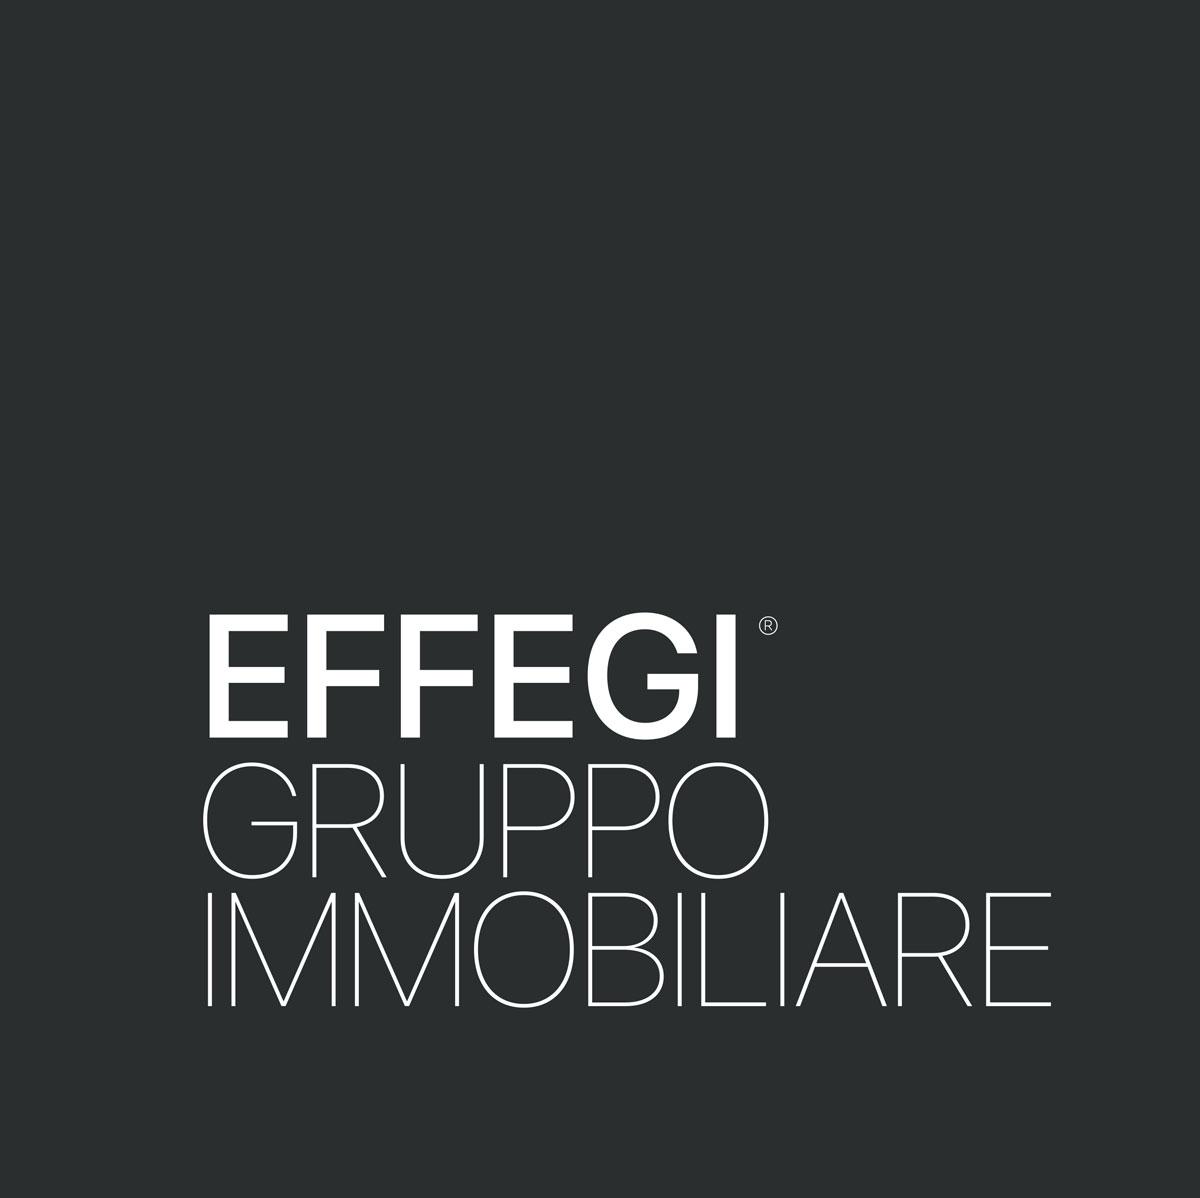 EFFEGI Gruppo Immobiliare